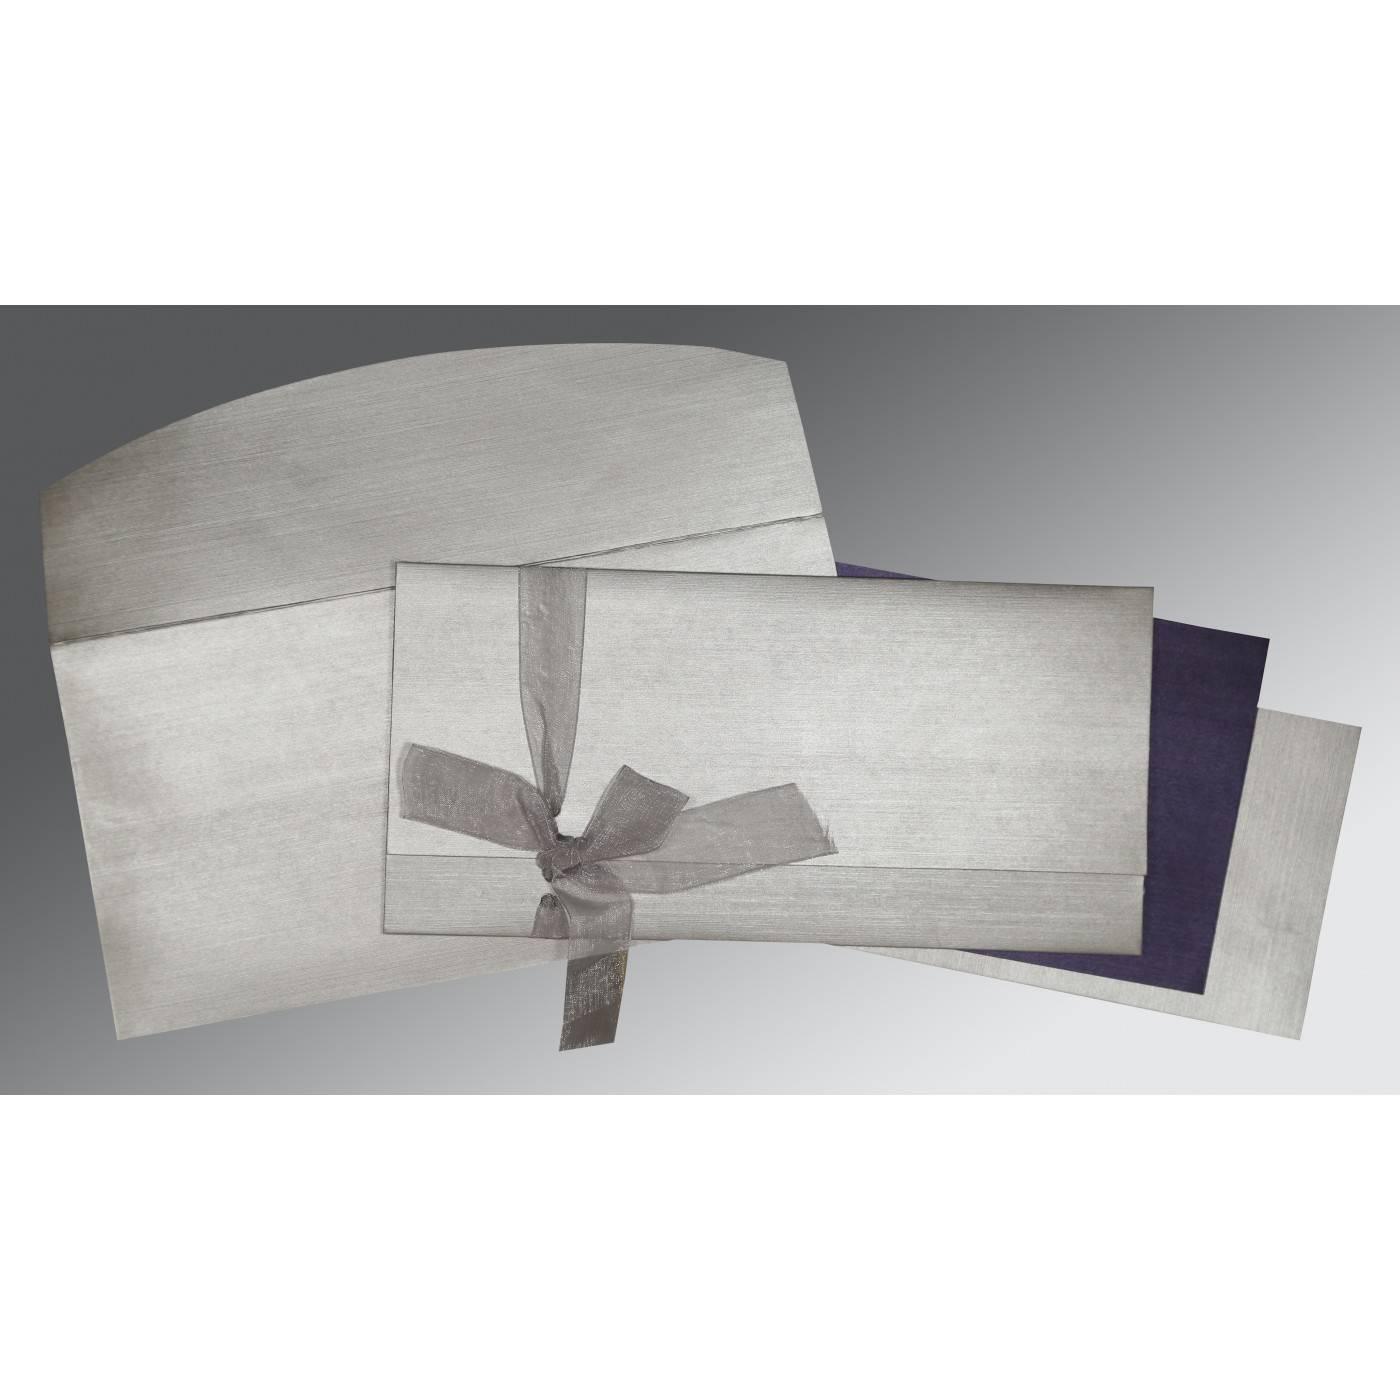 LIGHT GREY SHIMMERY SCREEN PRINTED WEDDING CARD : CW-1498 - IndianWeddingCards